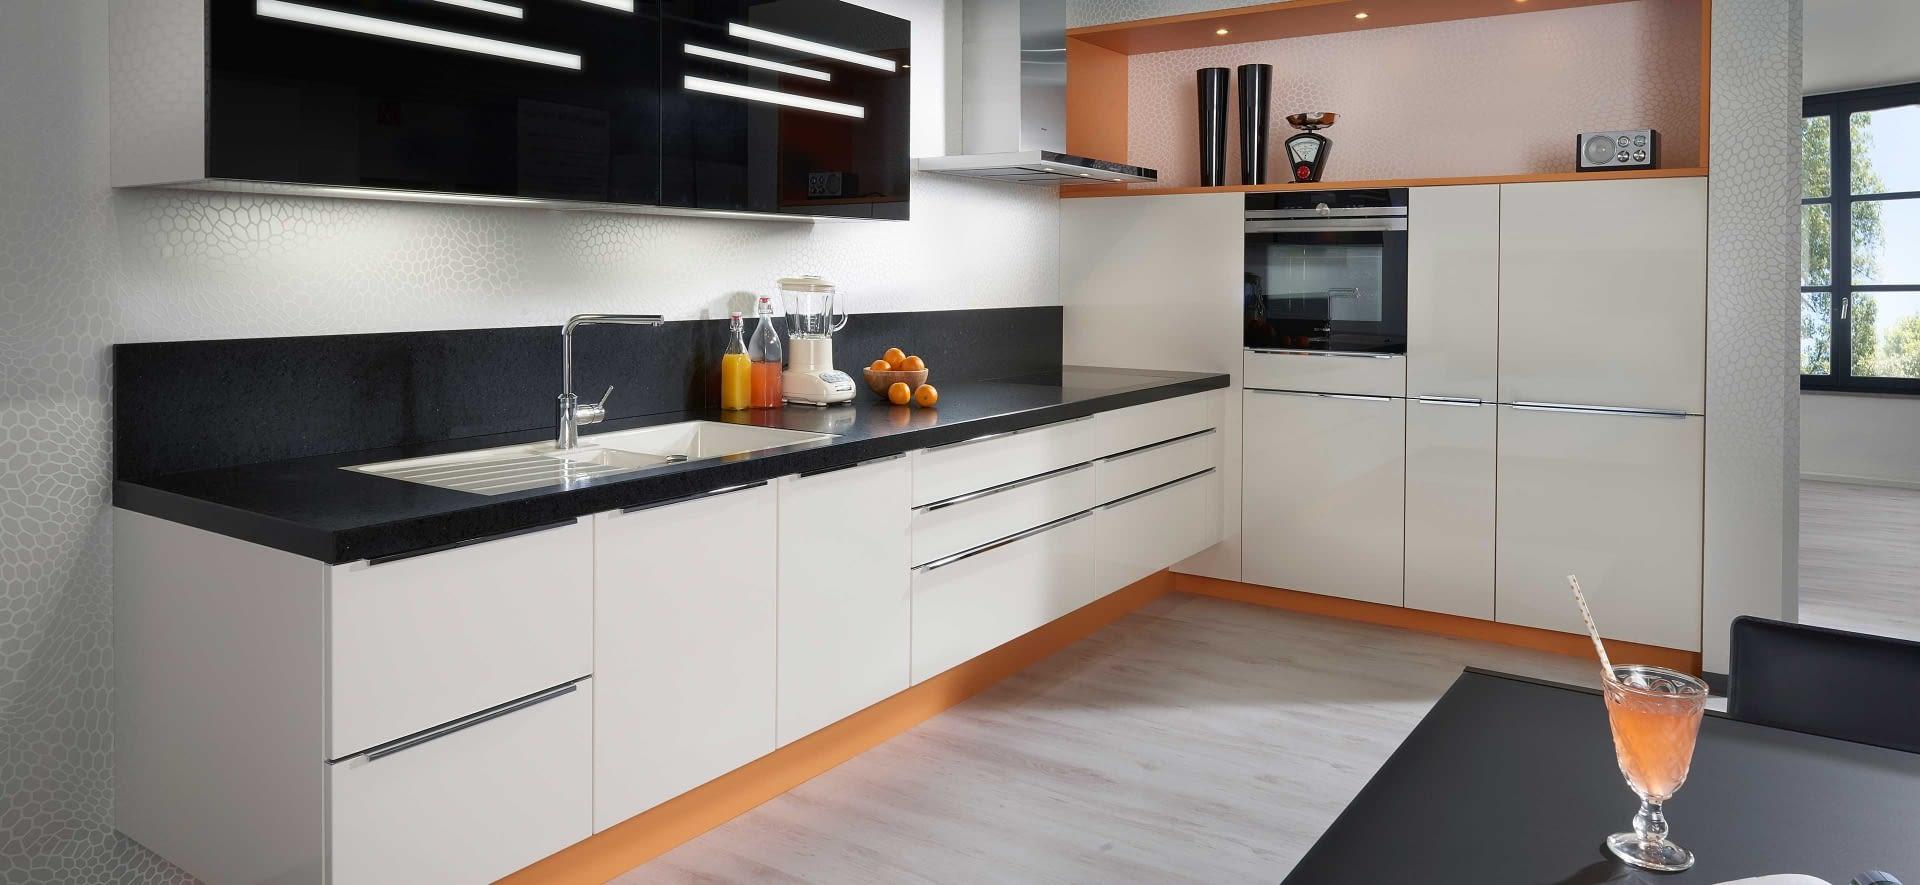 moderne l k che chicago magnolia mit oro preto marquardt. Black Bedroom Furniture Sets. Home Design Ideas